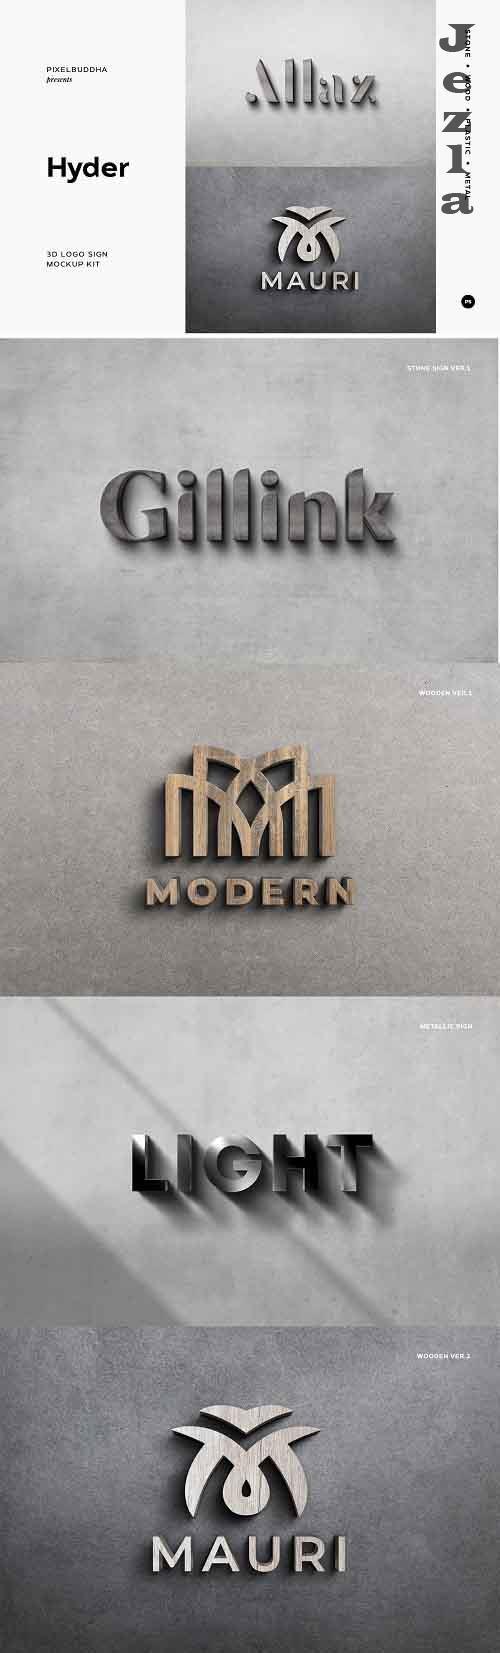 Hyder Sign Mockups 5004440